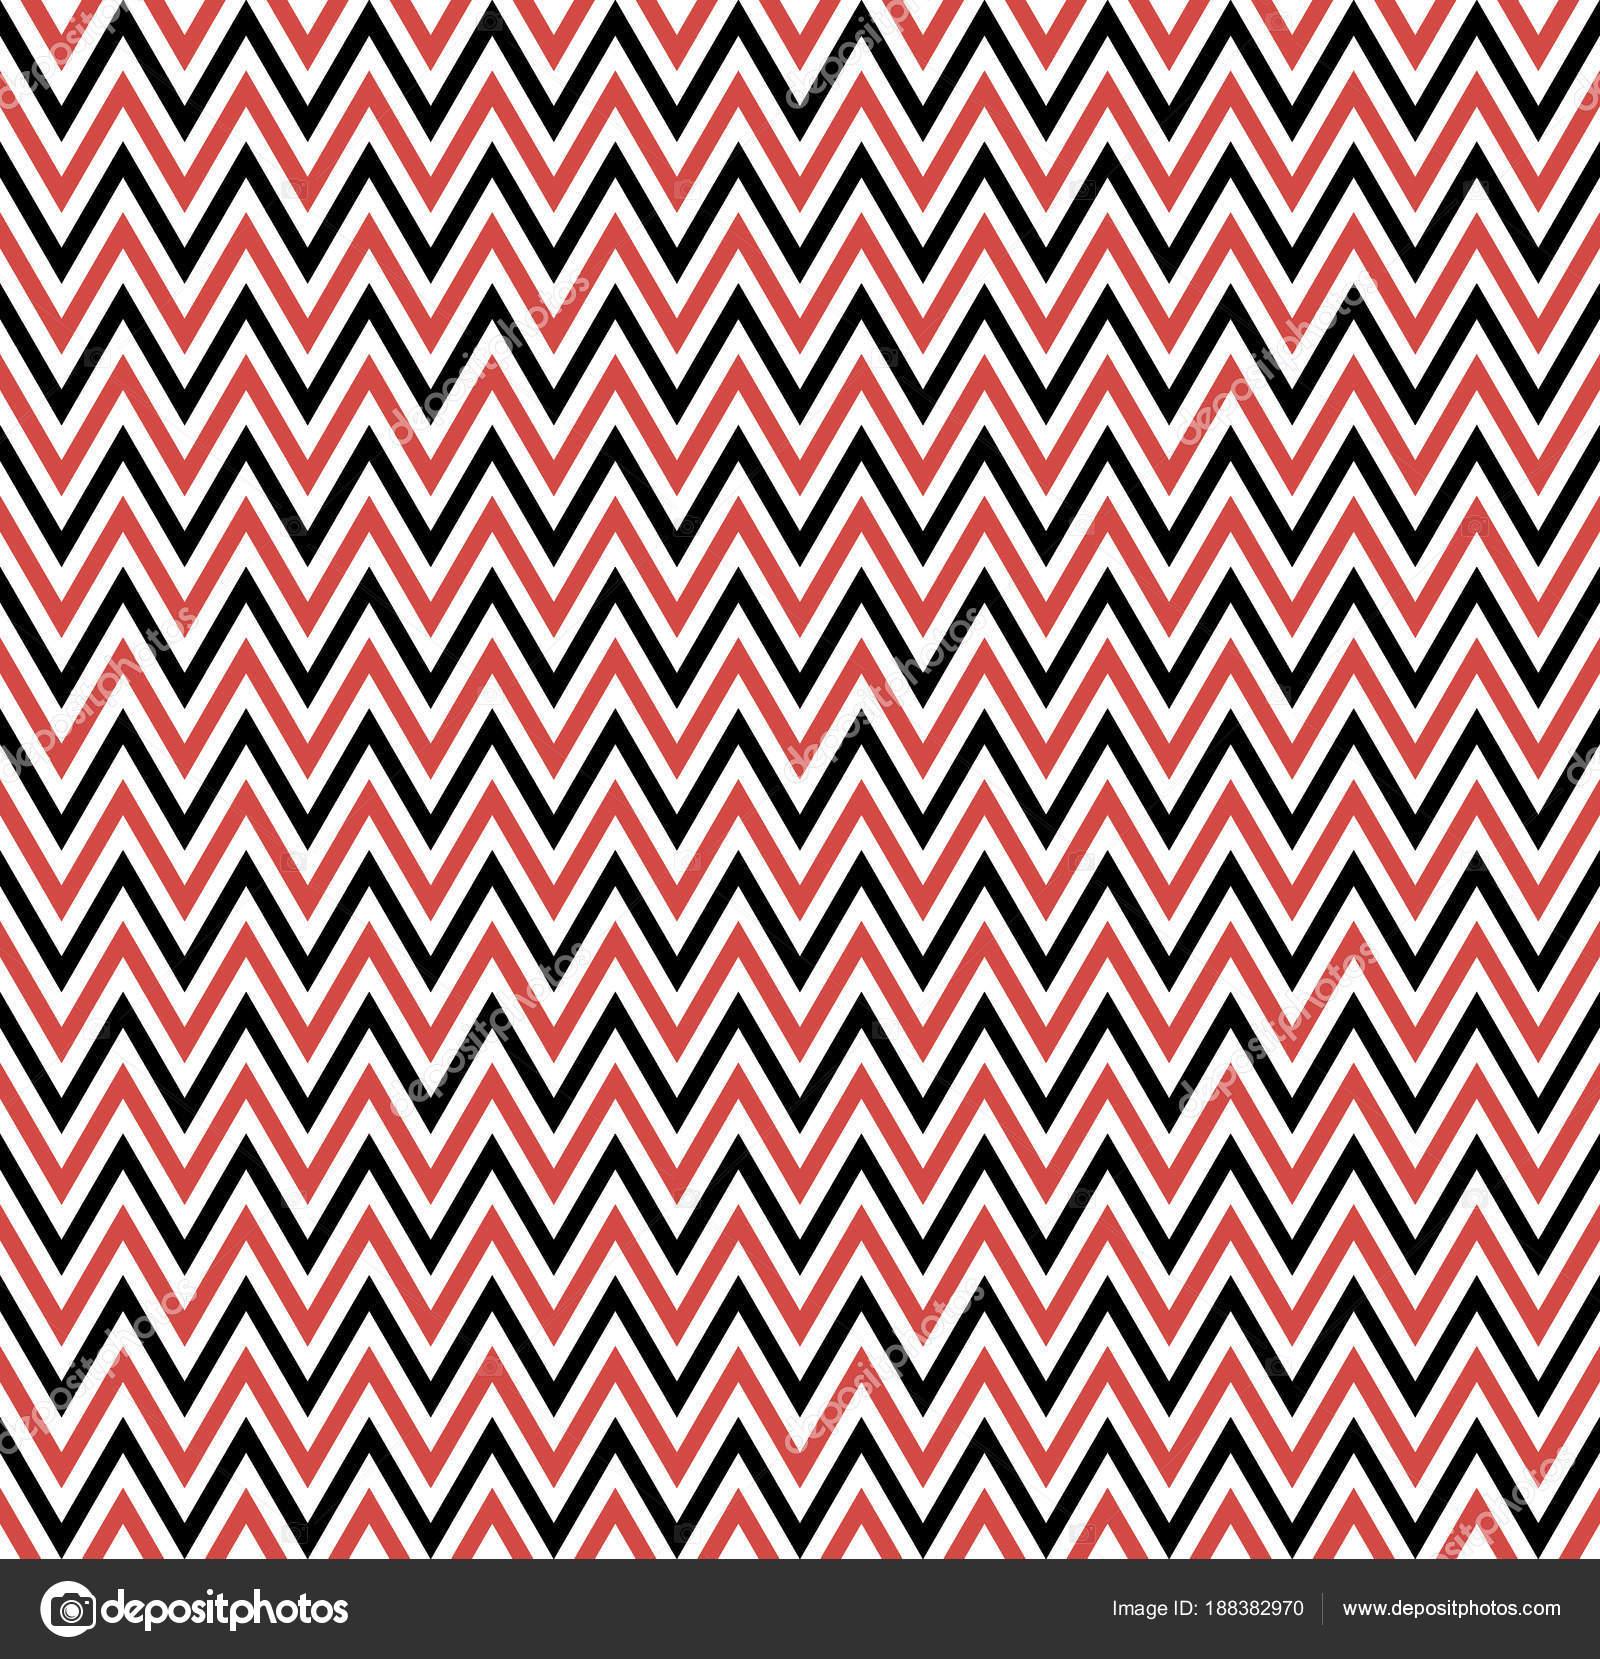 Querstreifen rote Zick-Zack-Muster. Geometrische sich wiederholendes ...